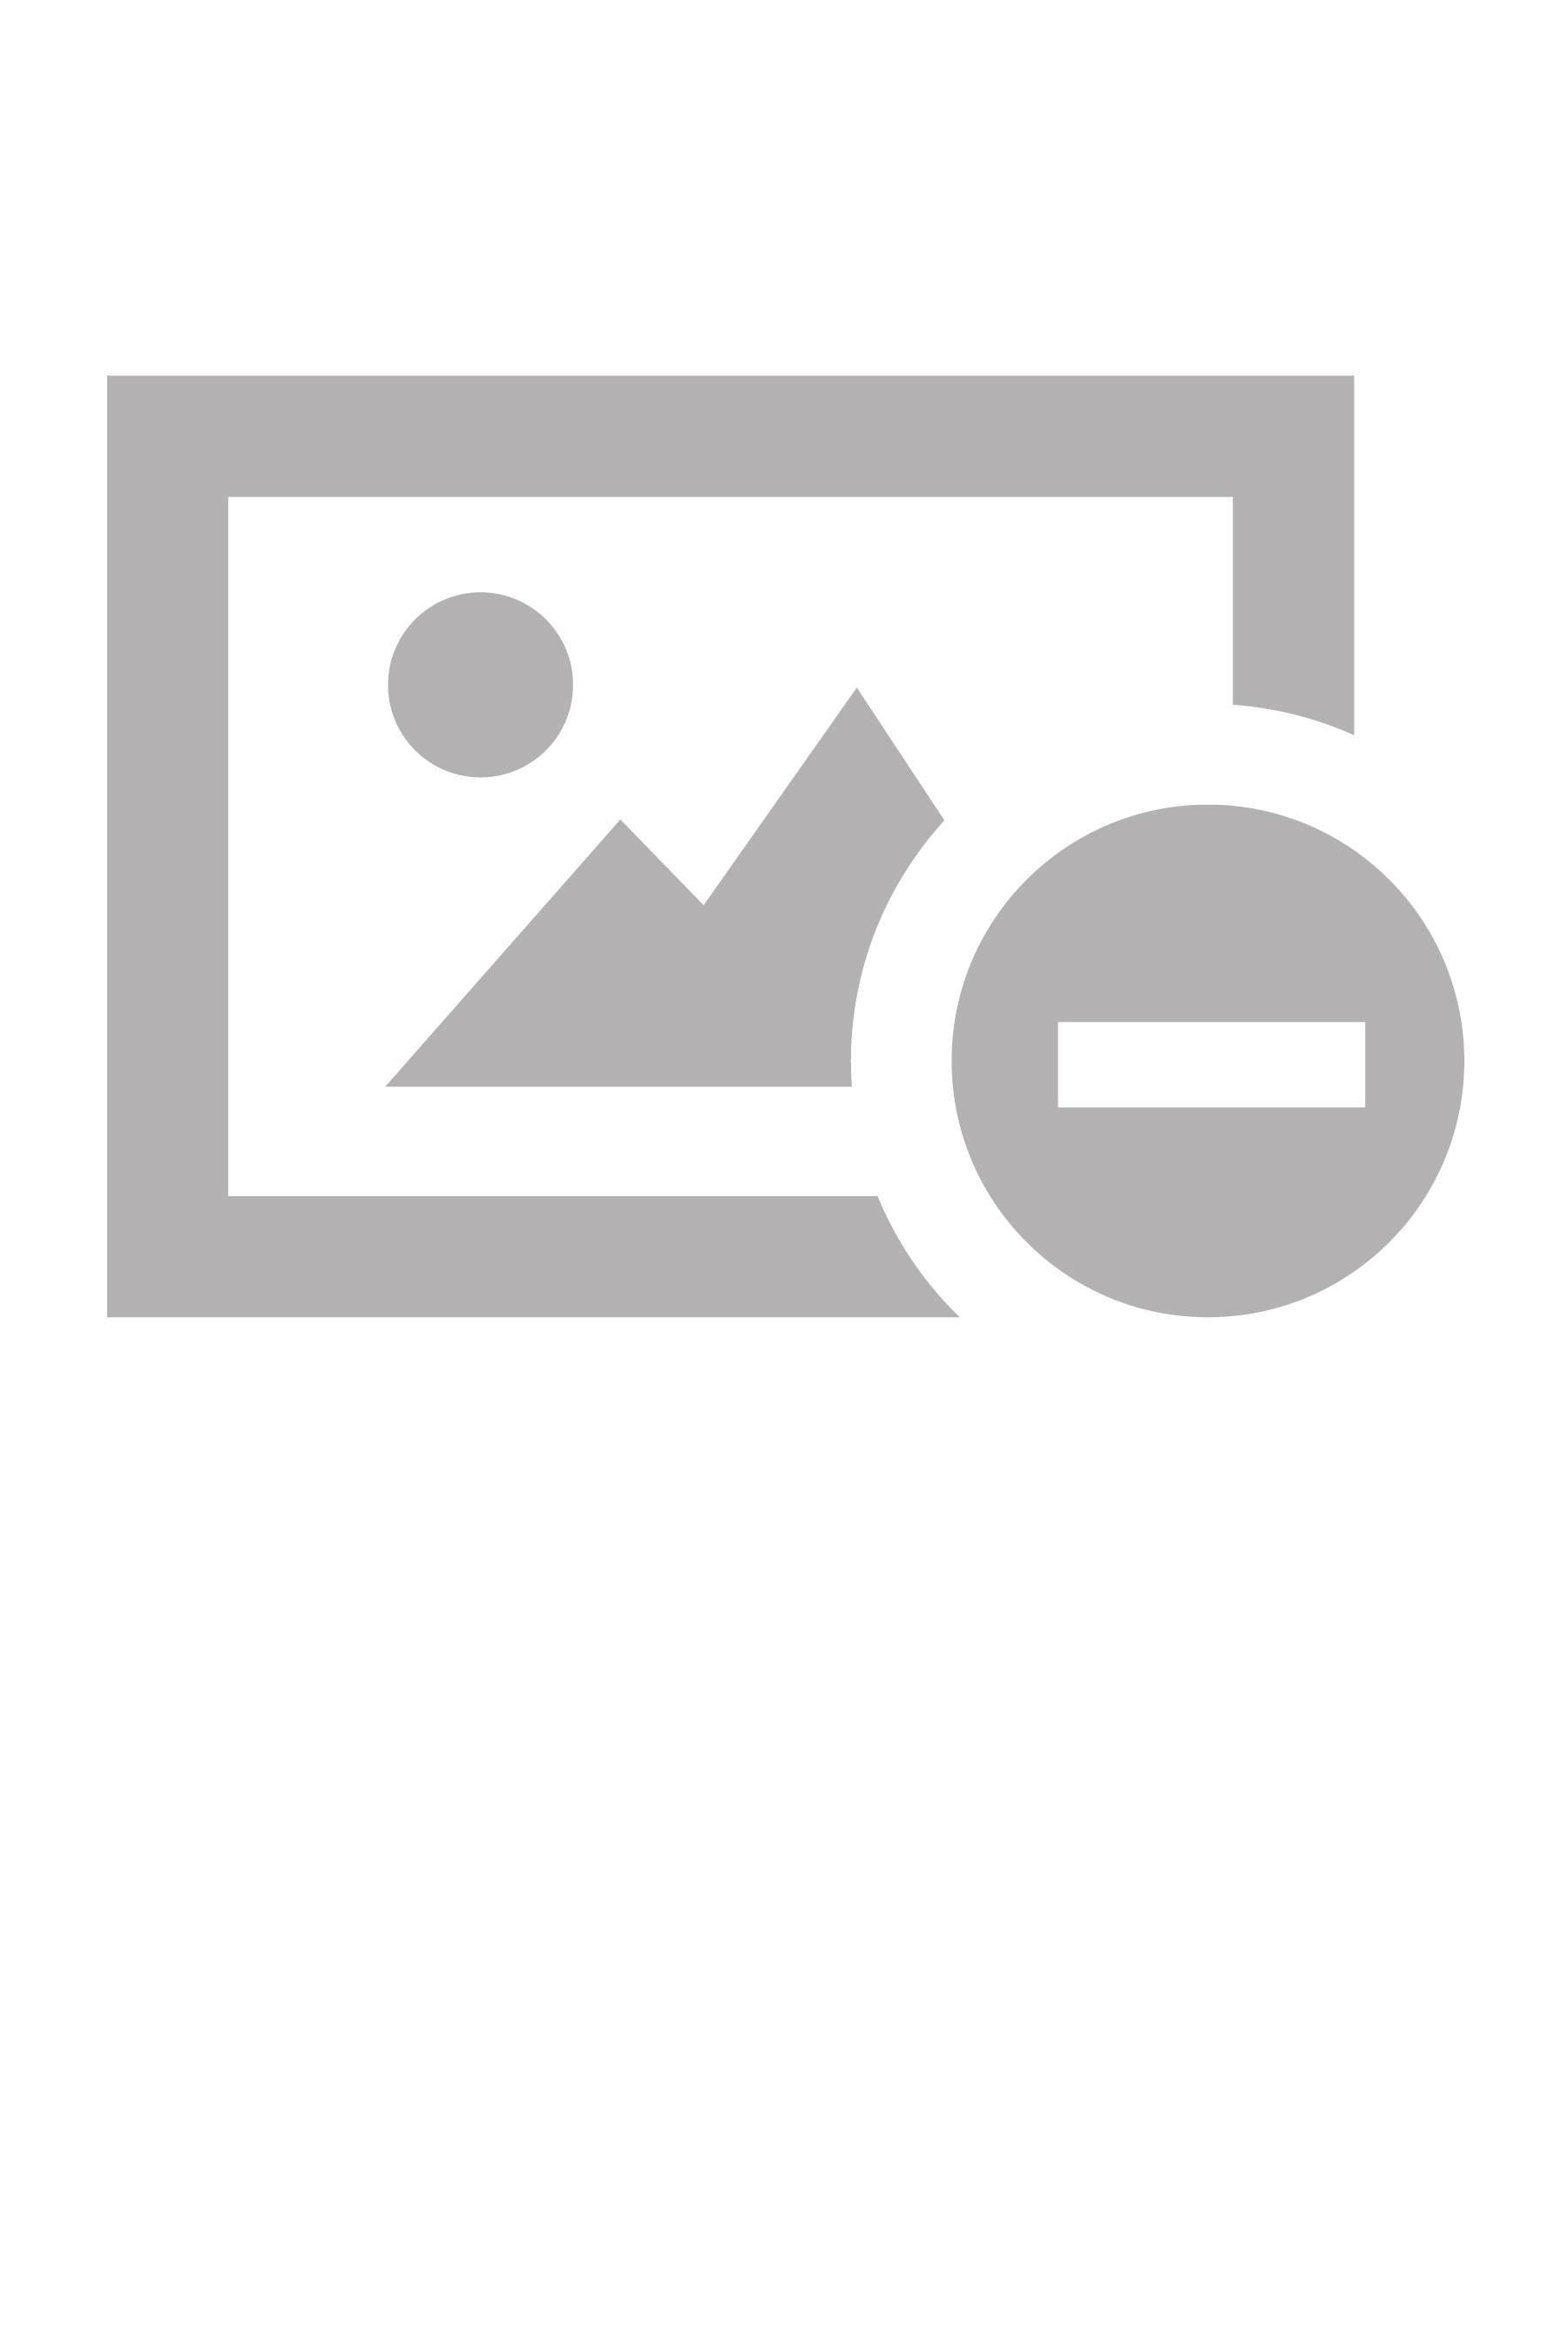 Copertina di User Interface Specification